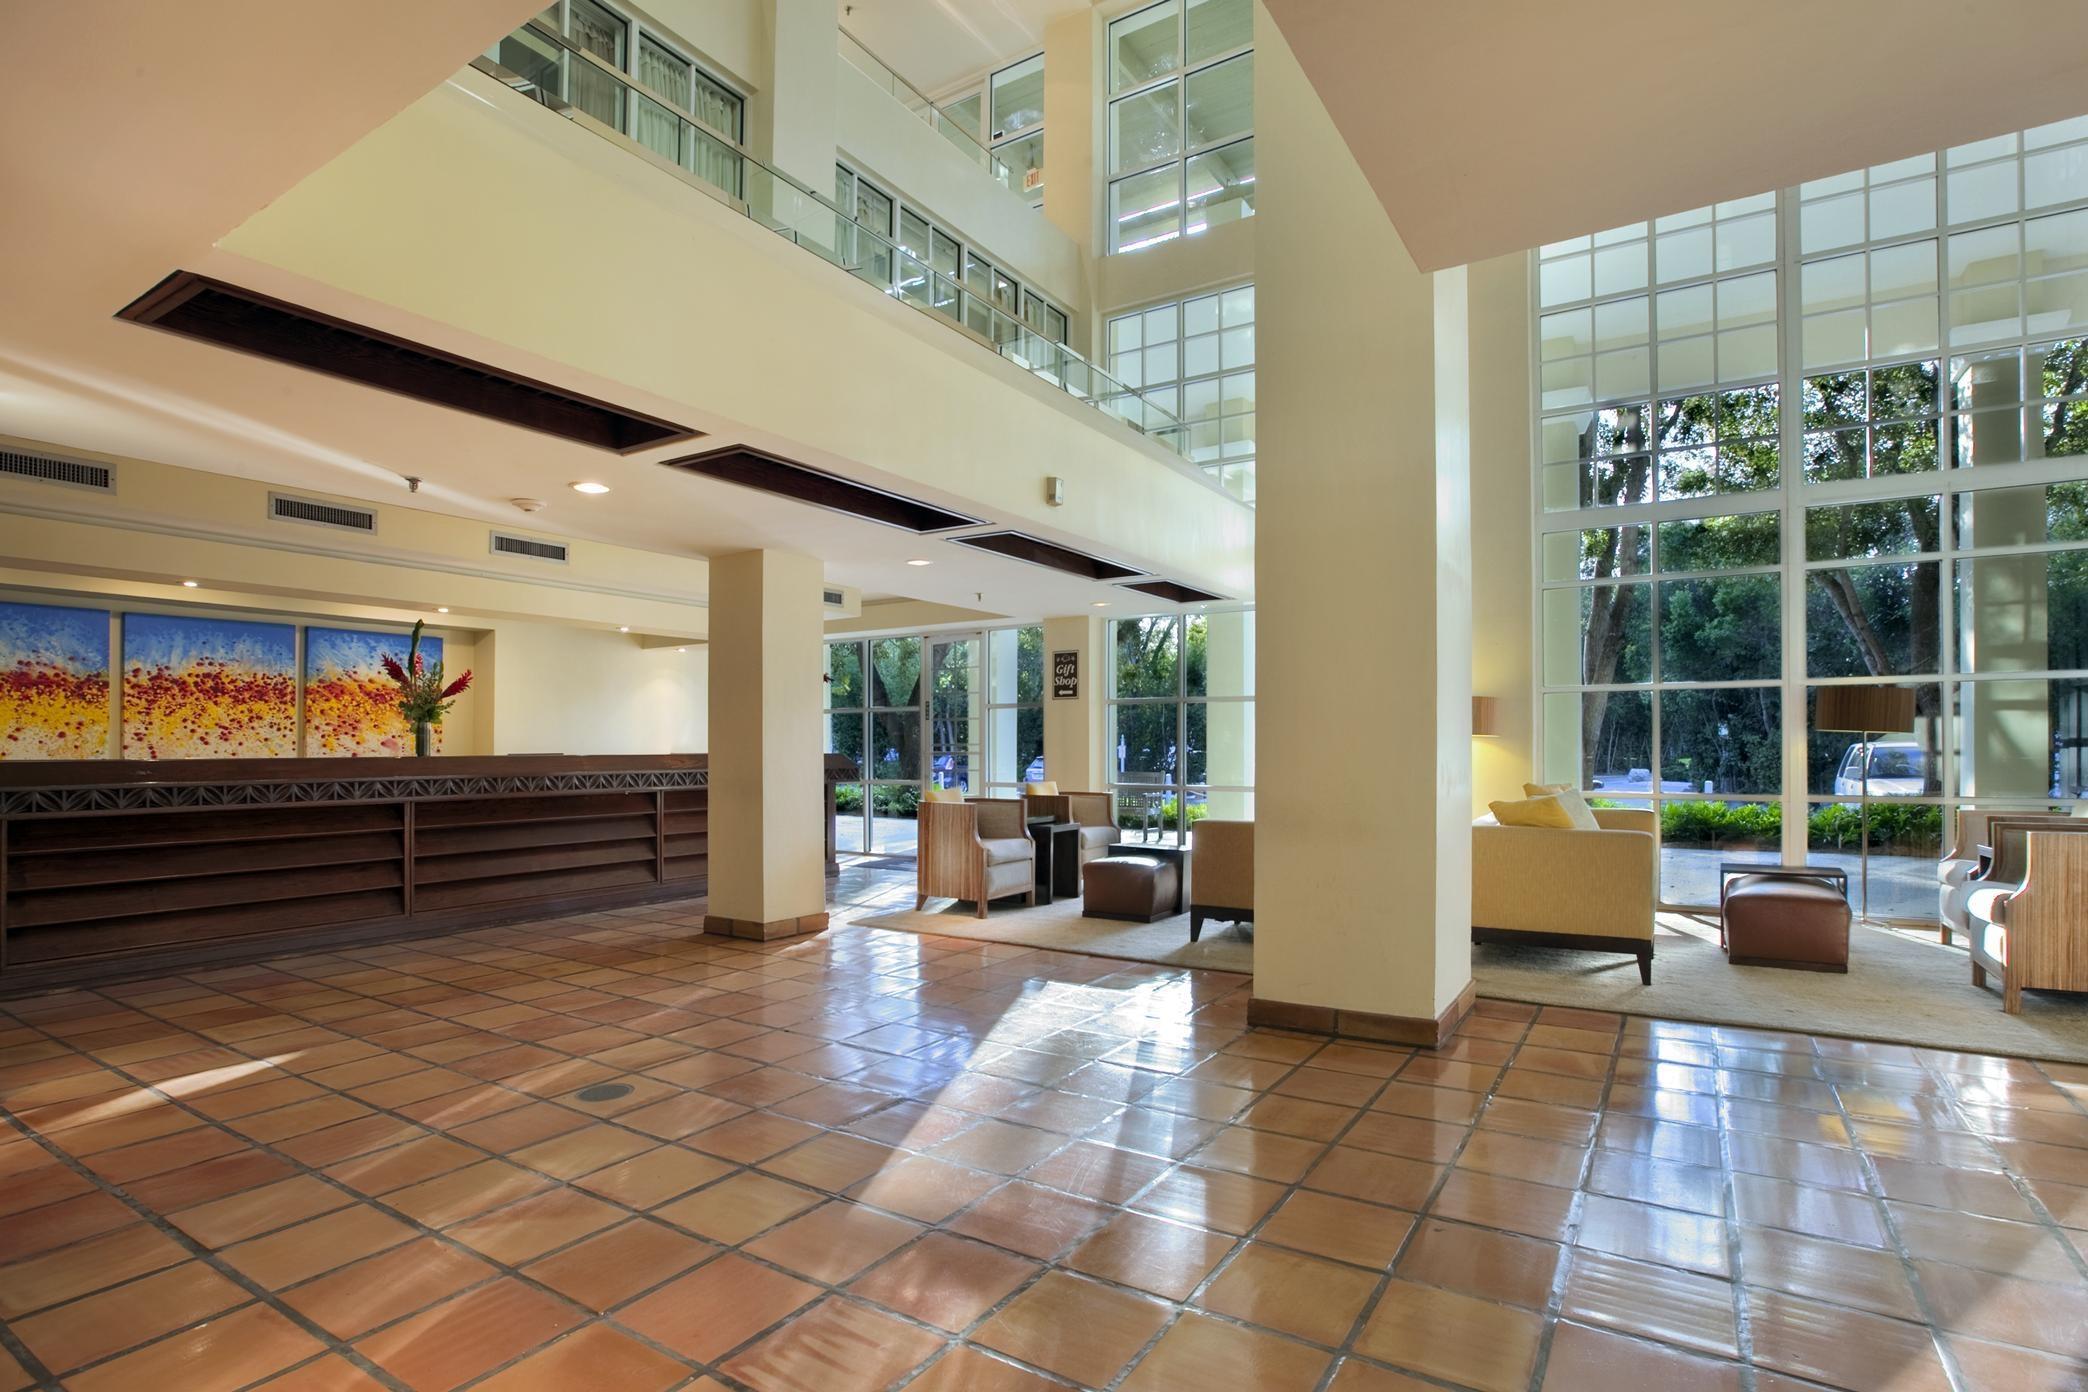 Hilton Key Largo Resort image 2